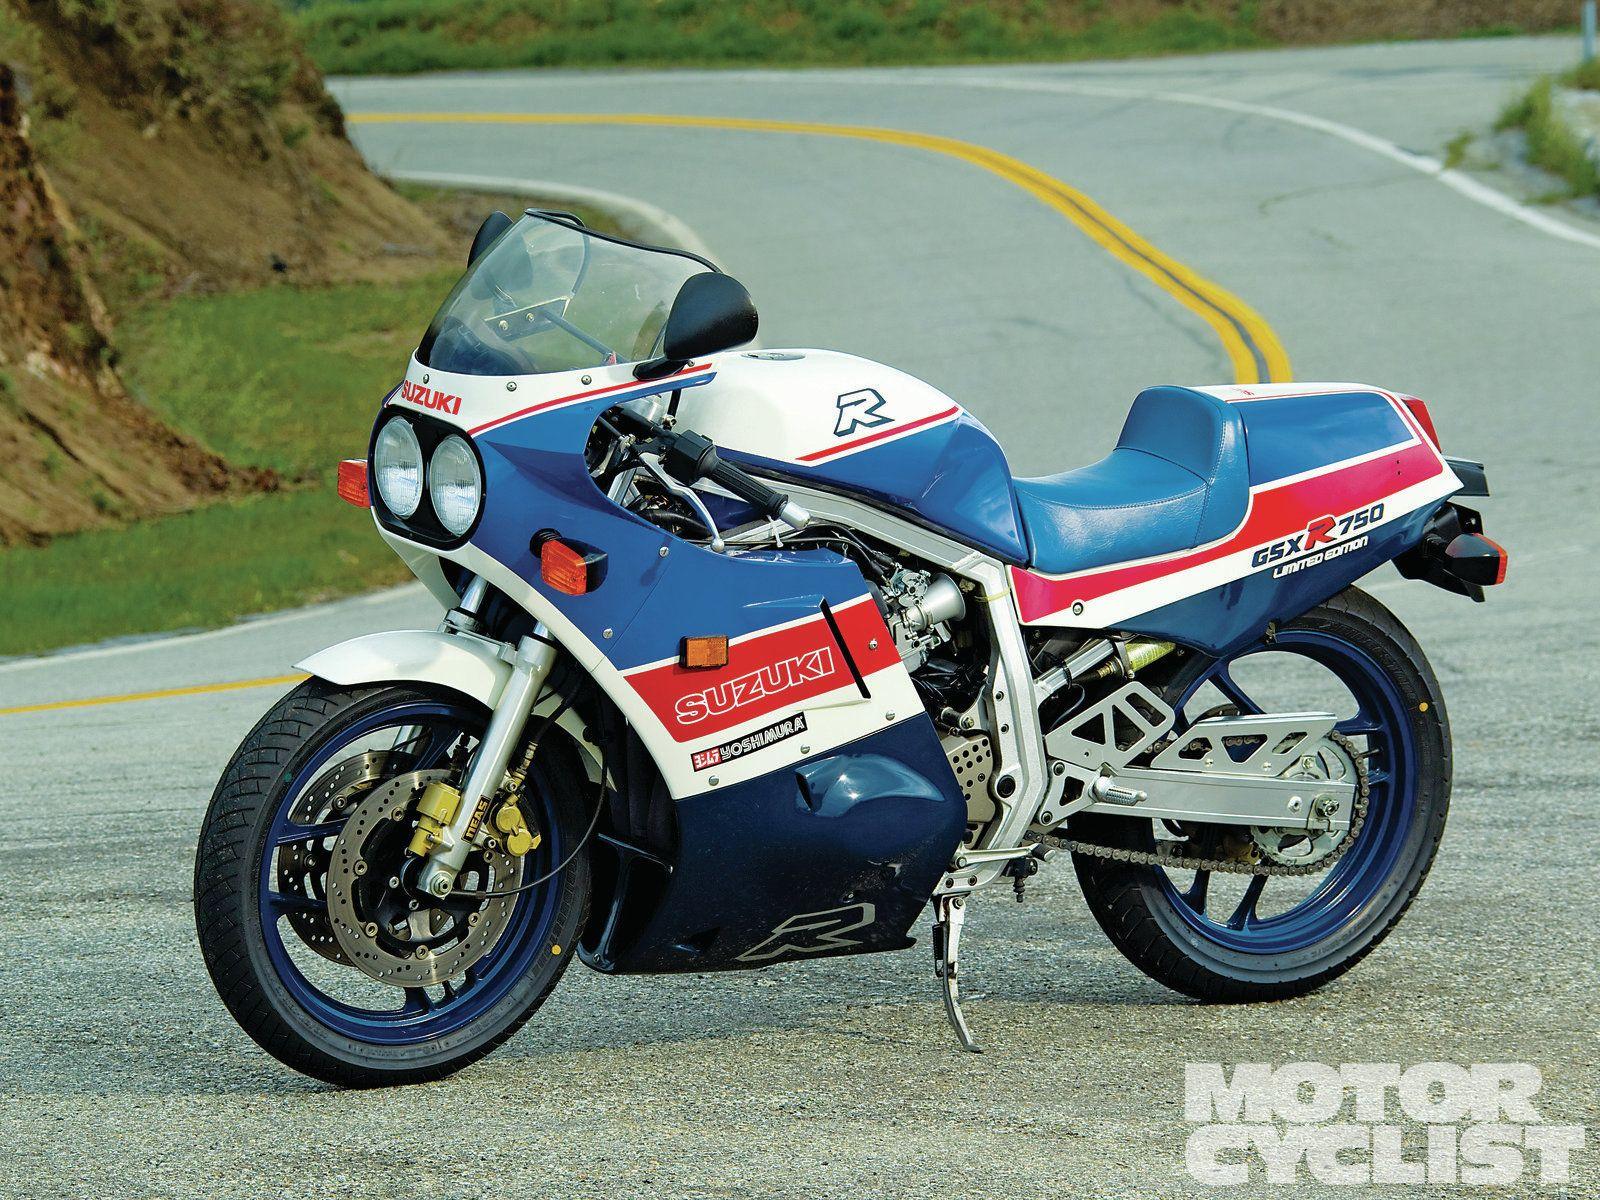 Old School Suzuki Gsxr750 | Vehicles I like | Suzuki bikes